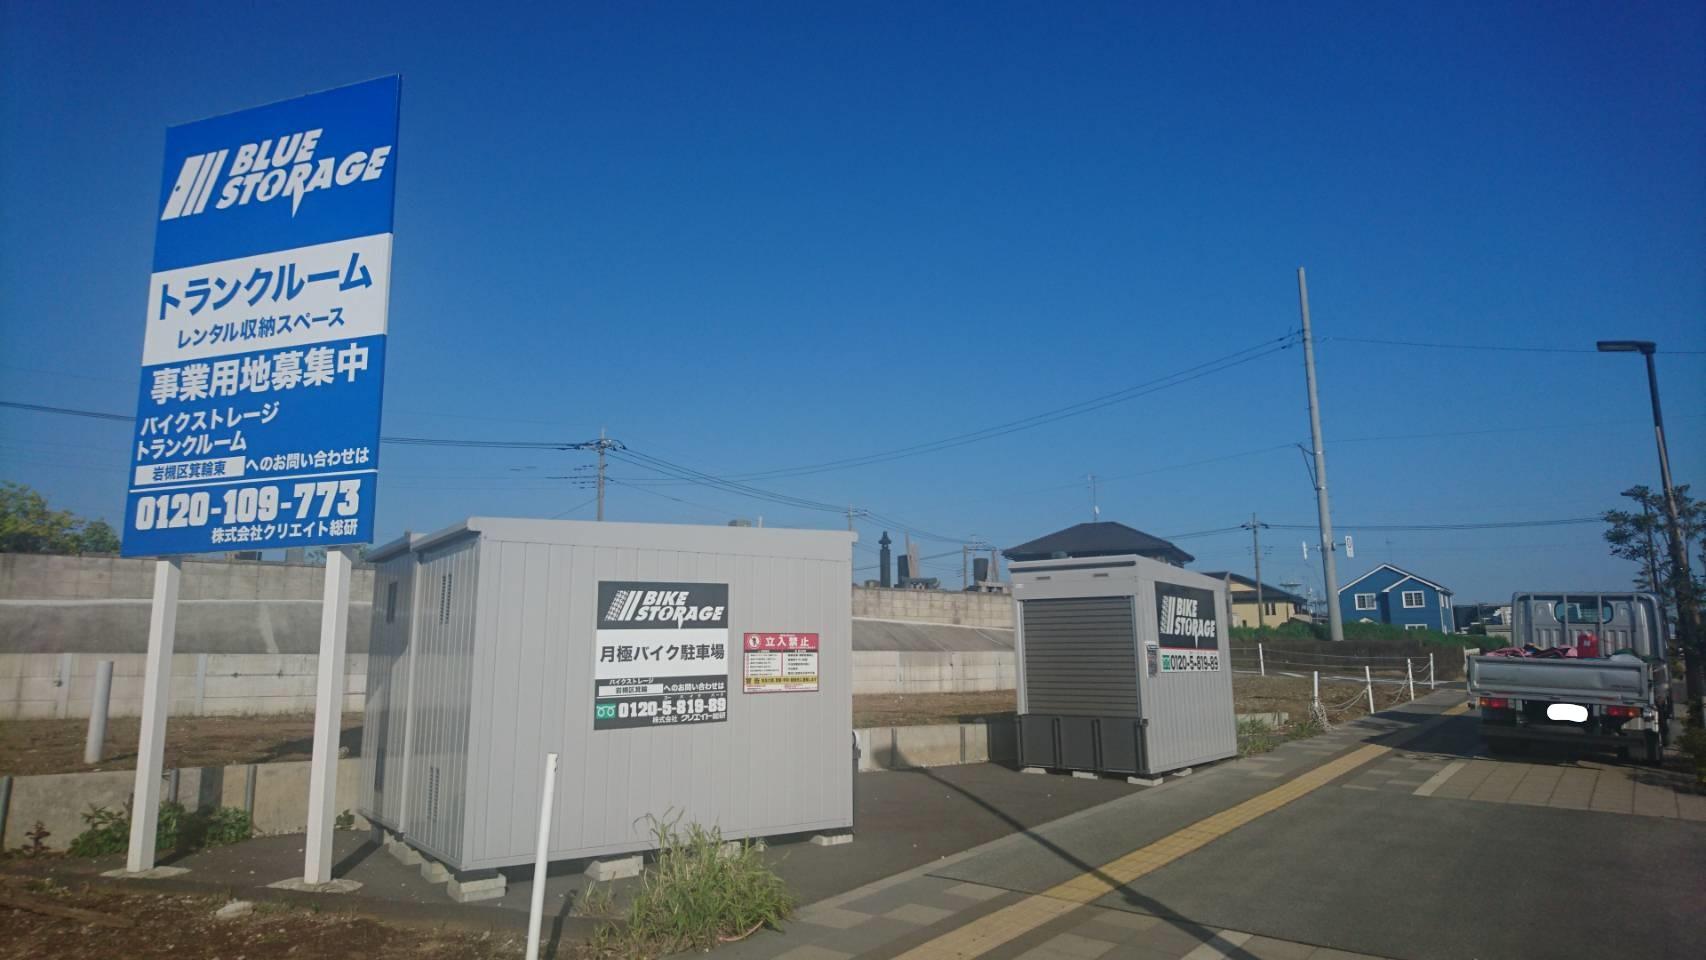 バイクストレージ岩槻区箕輪東